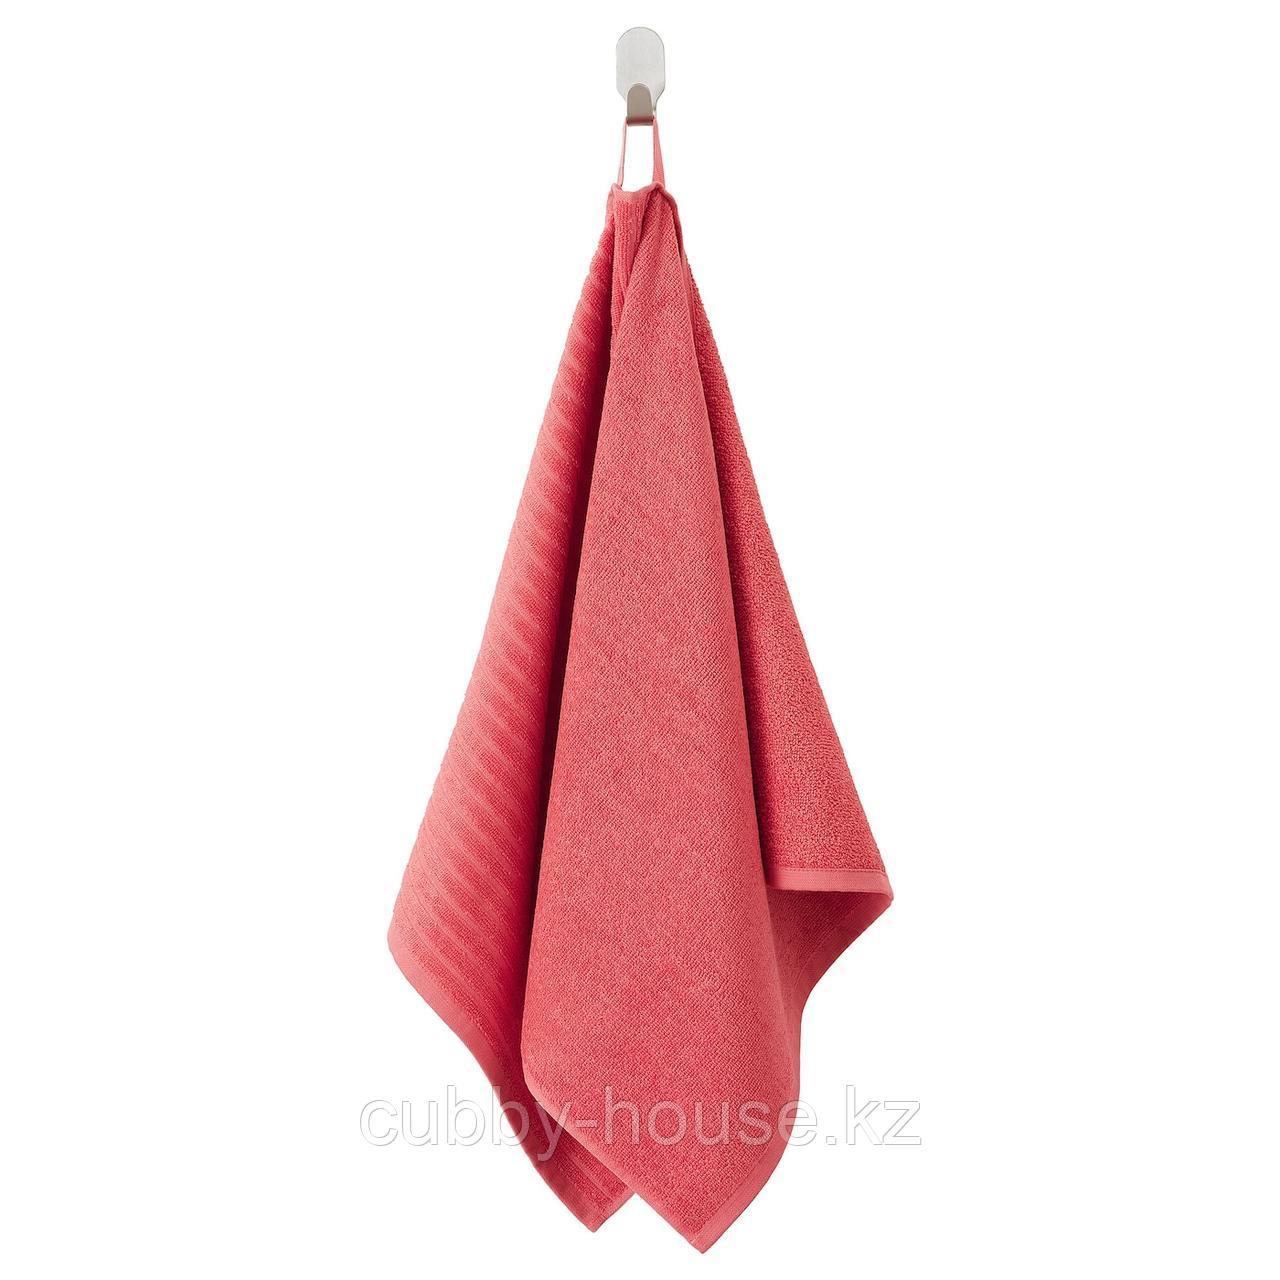 ВОГШЁН Полотенце, светло-красный, 50x100 см